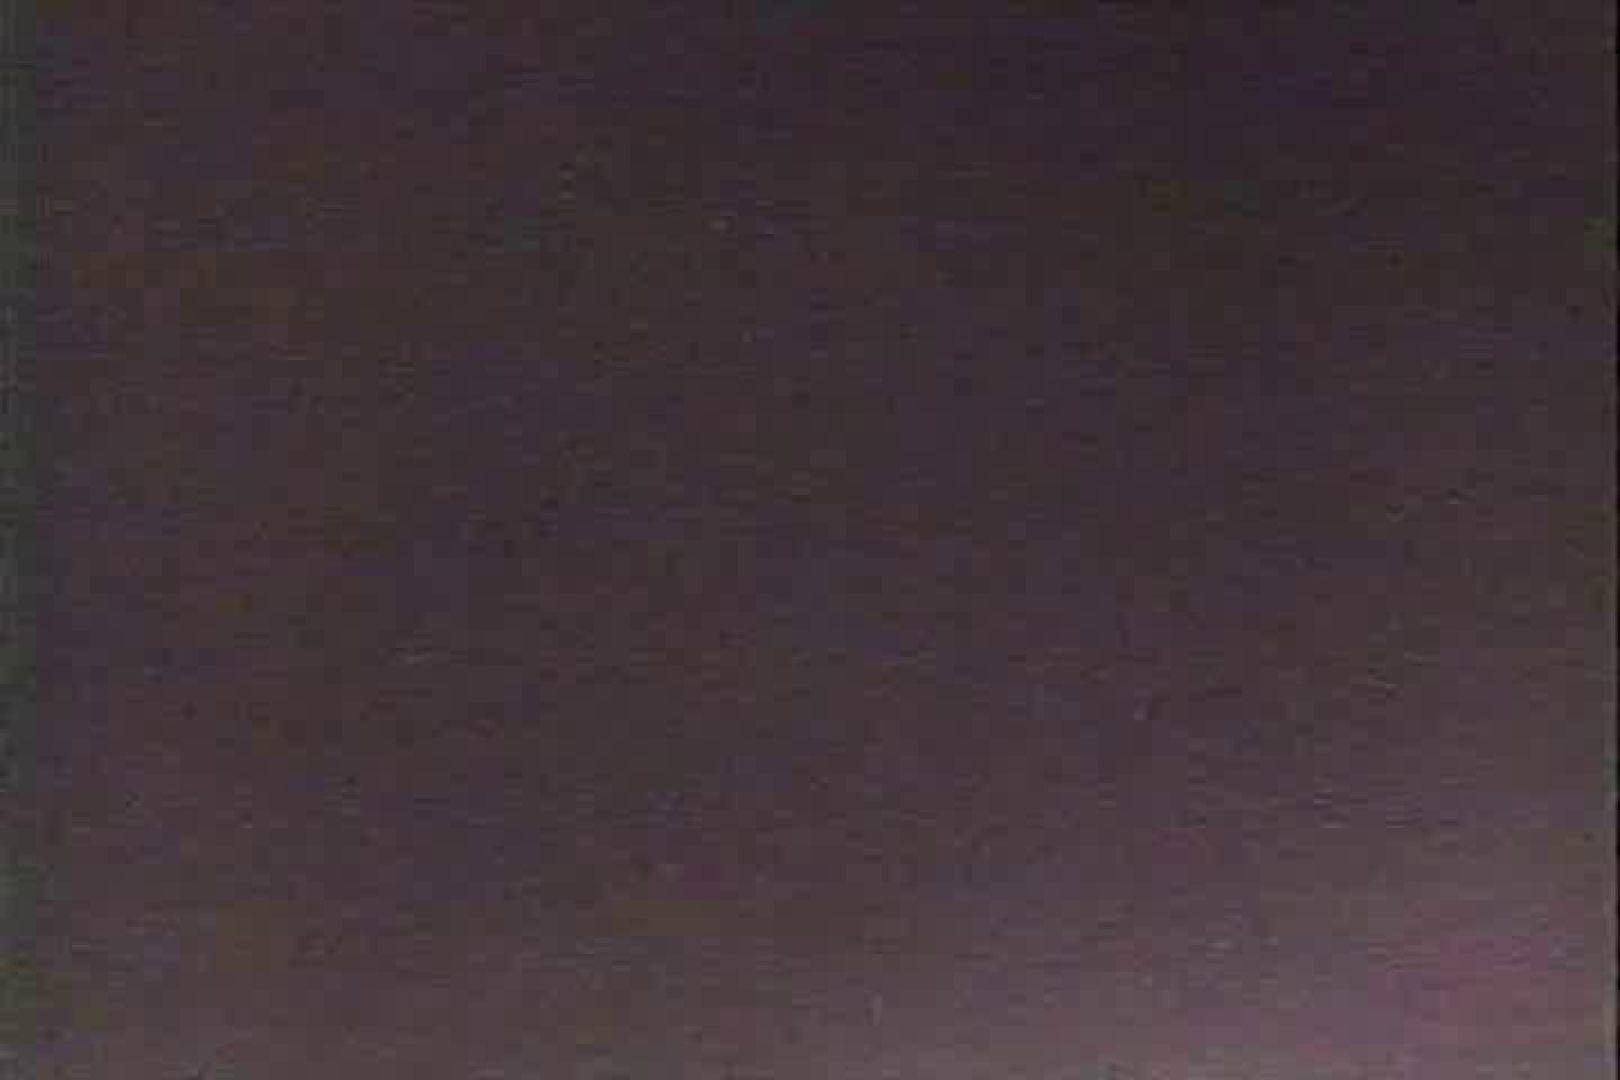 「ちくりん」さんのオリジナル未編集パンチラVol.1_01 独身エッチOL | チラ  92pic 62